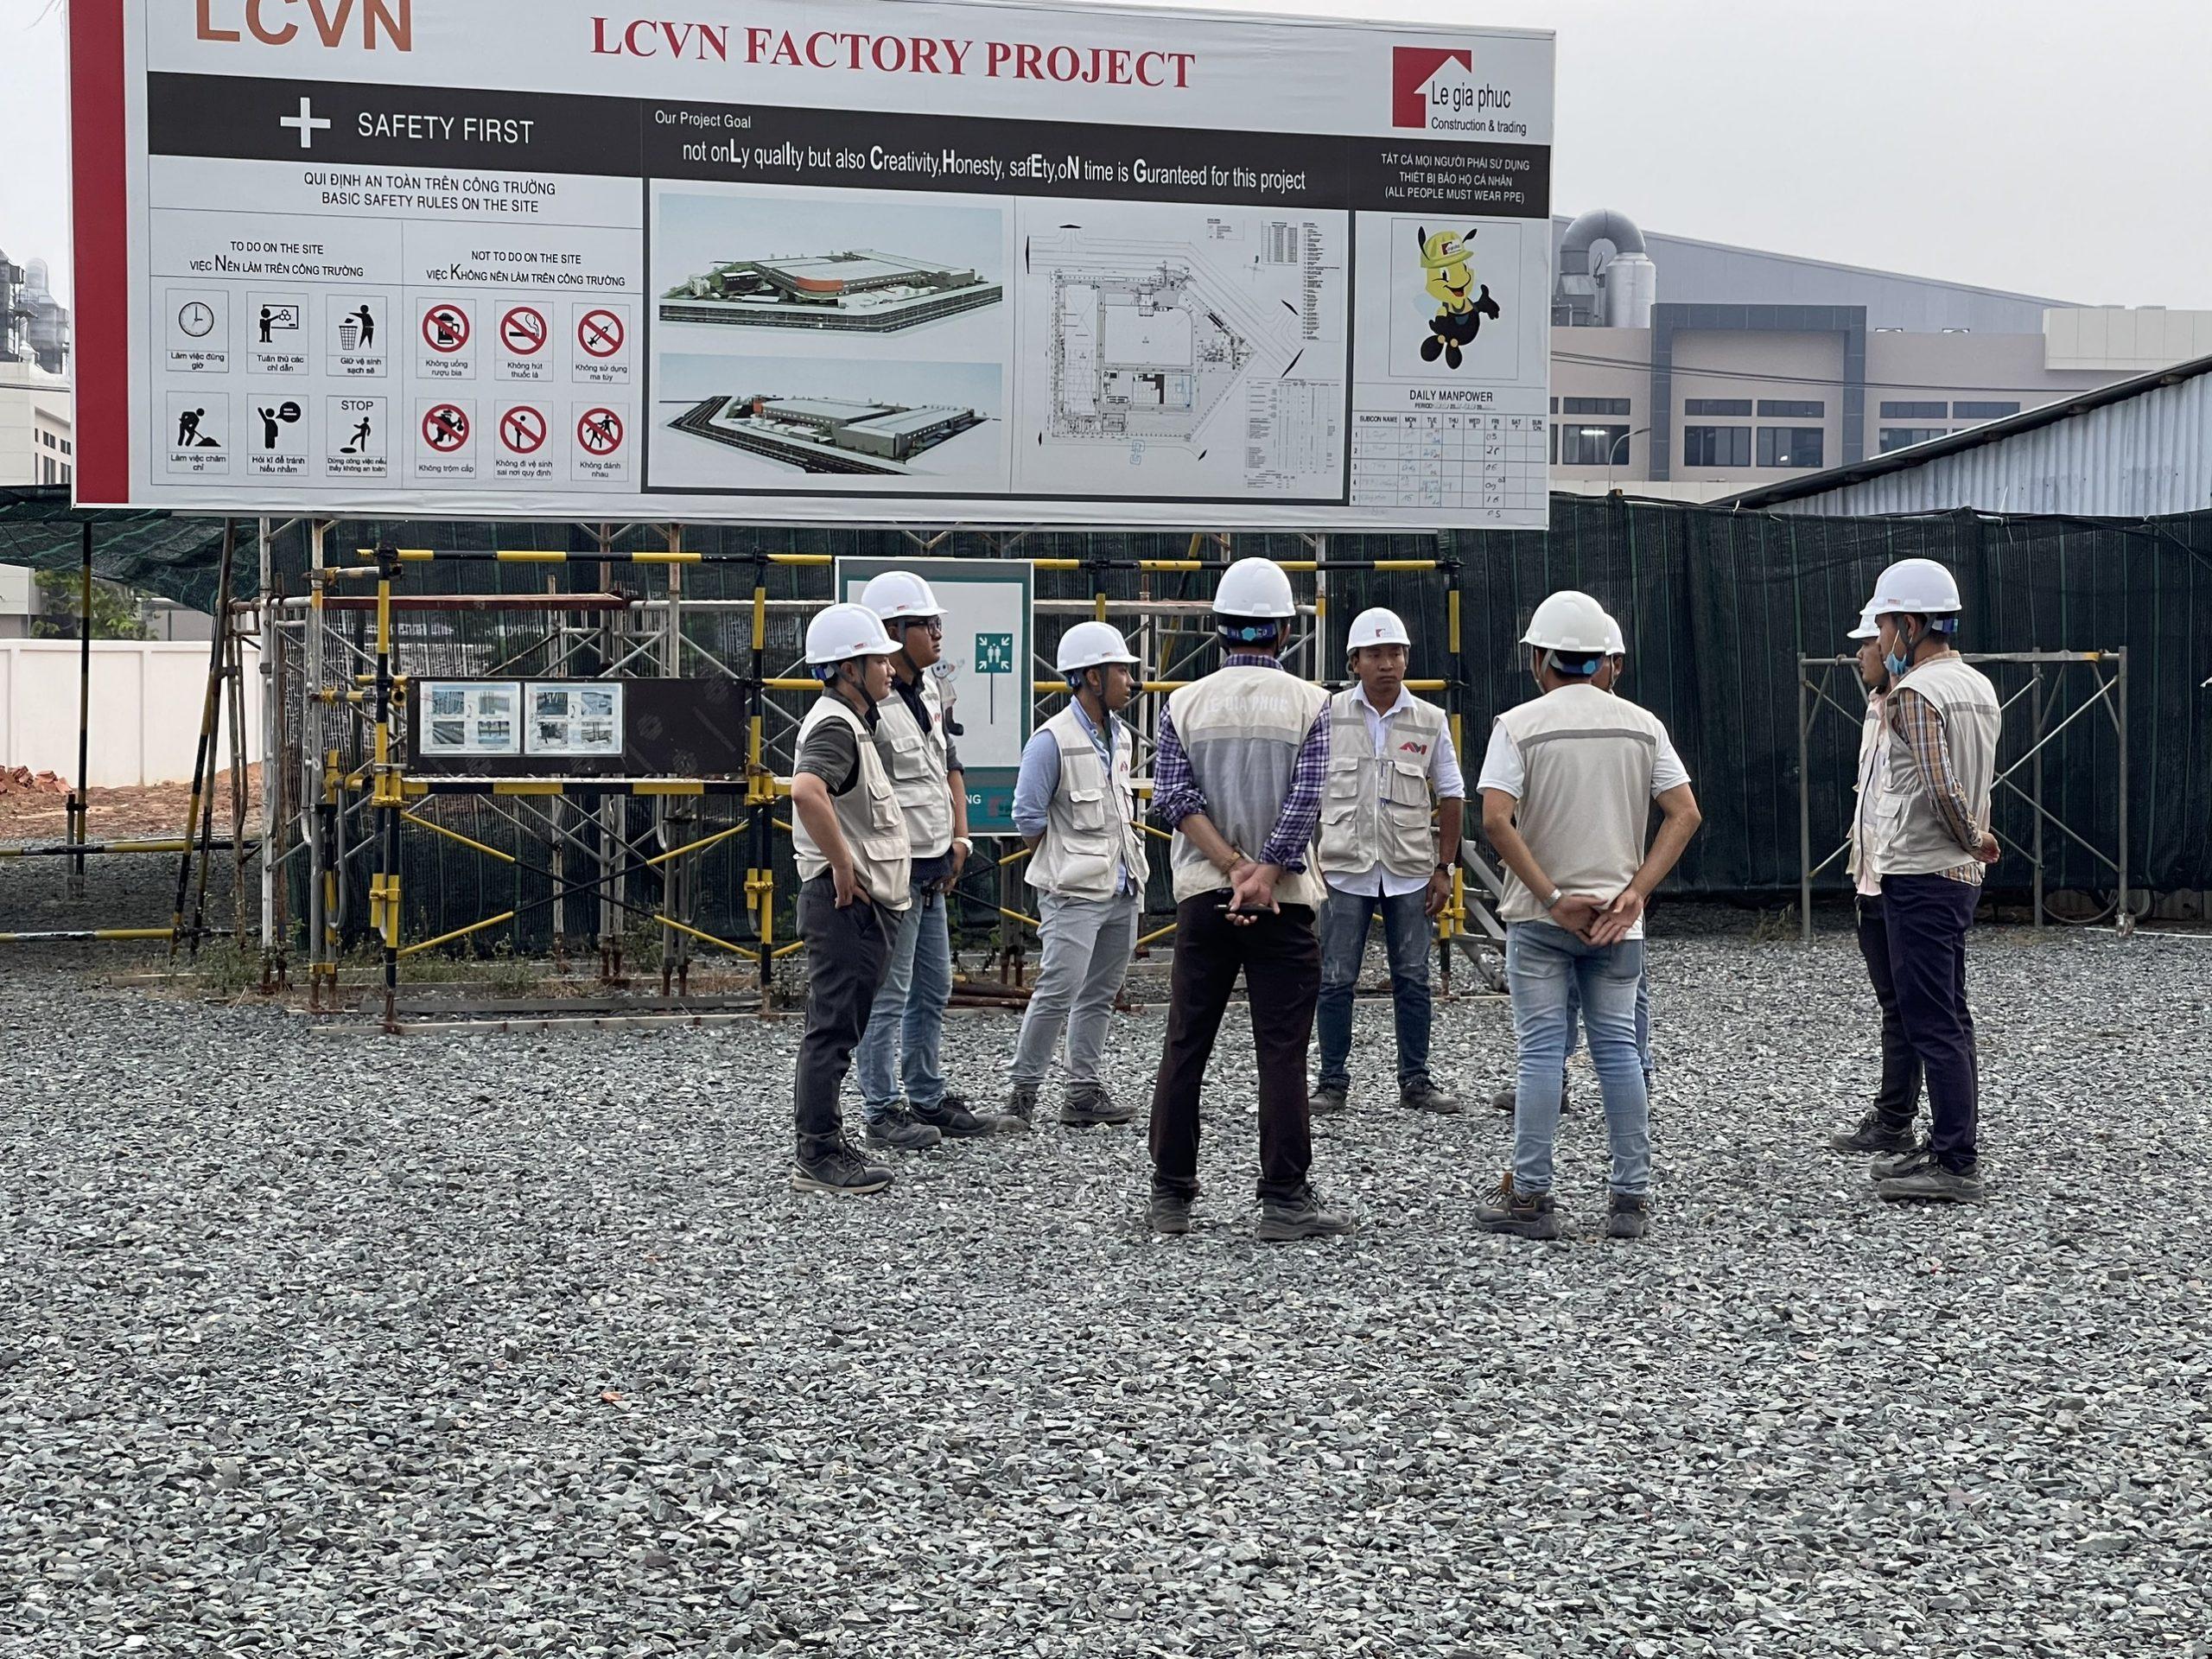 Lê Gia Phúc tuyển dụng kỹ sư kỹ thuật công trình